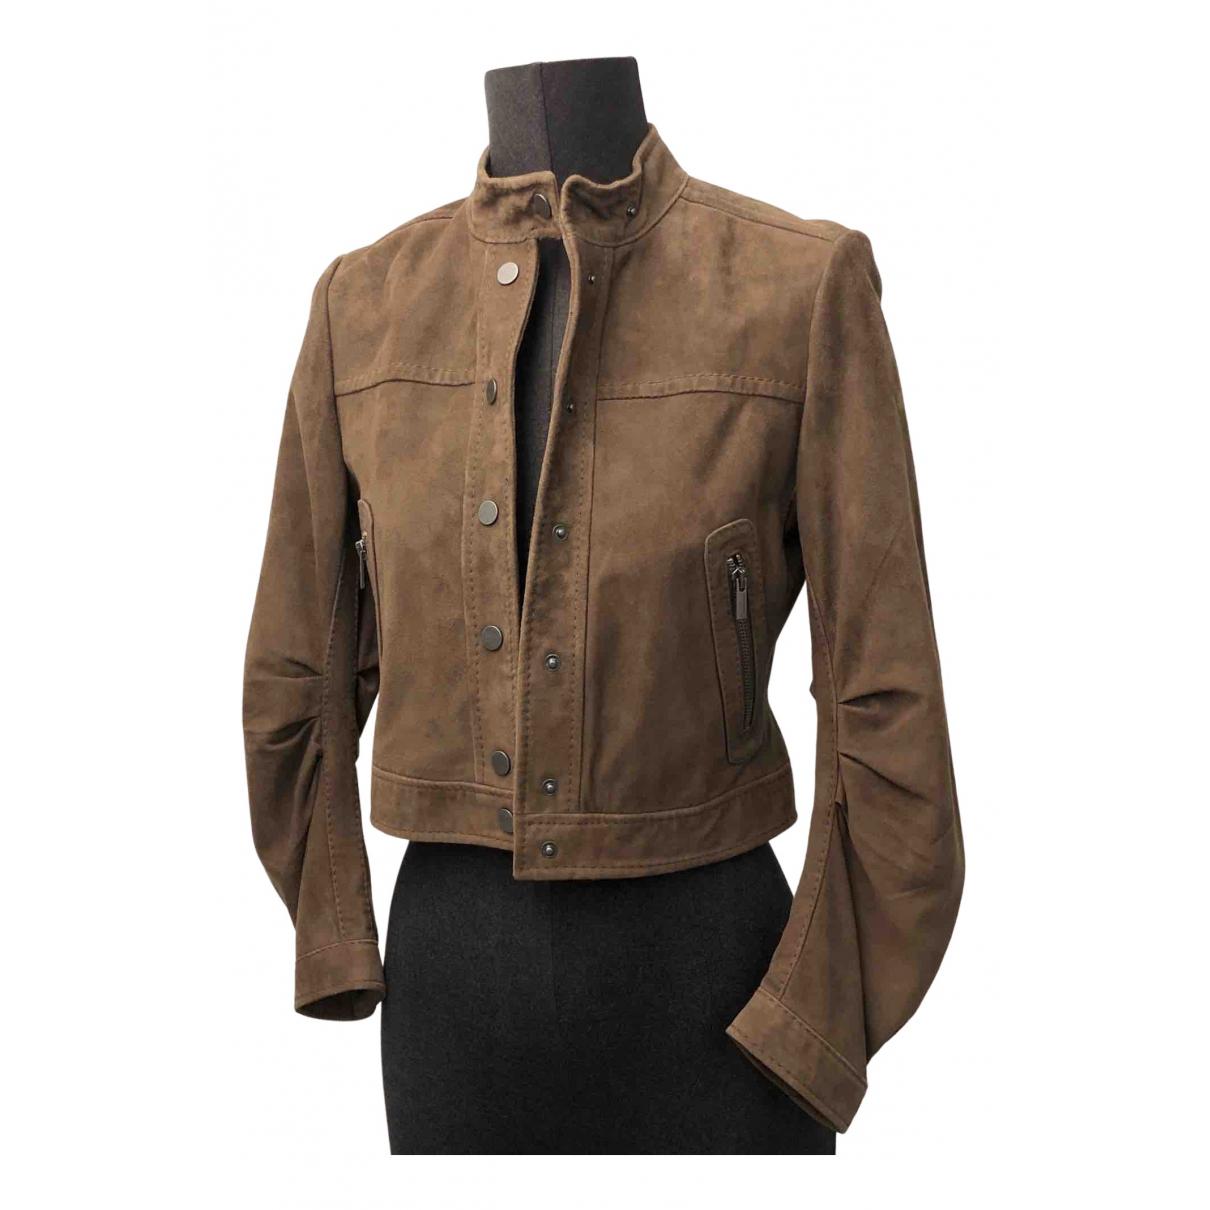 Bcbg Max Azria - Veste   pour femme en cuir - marron